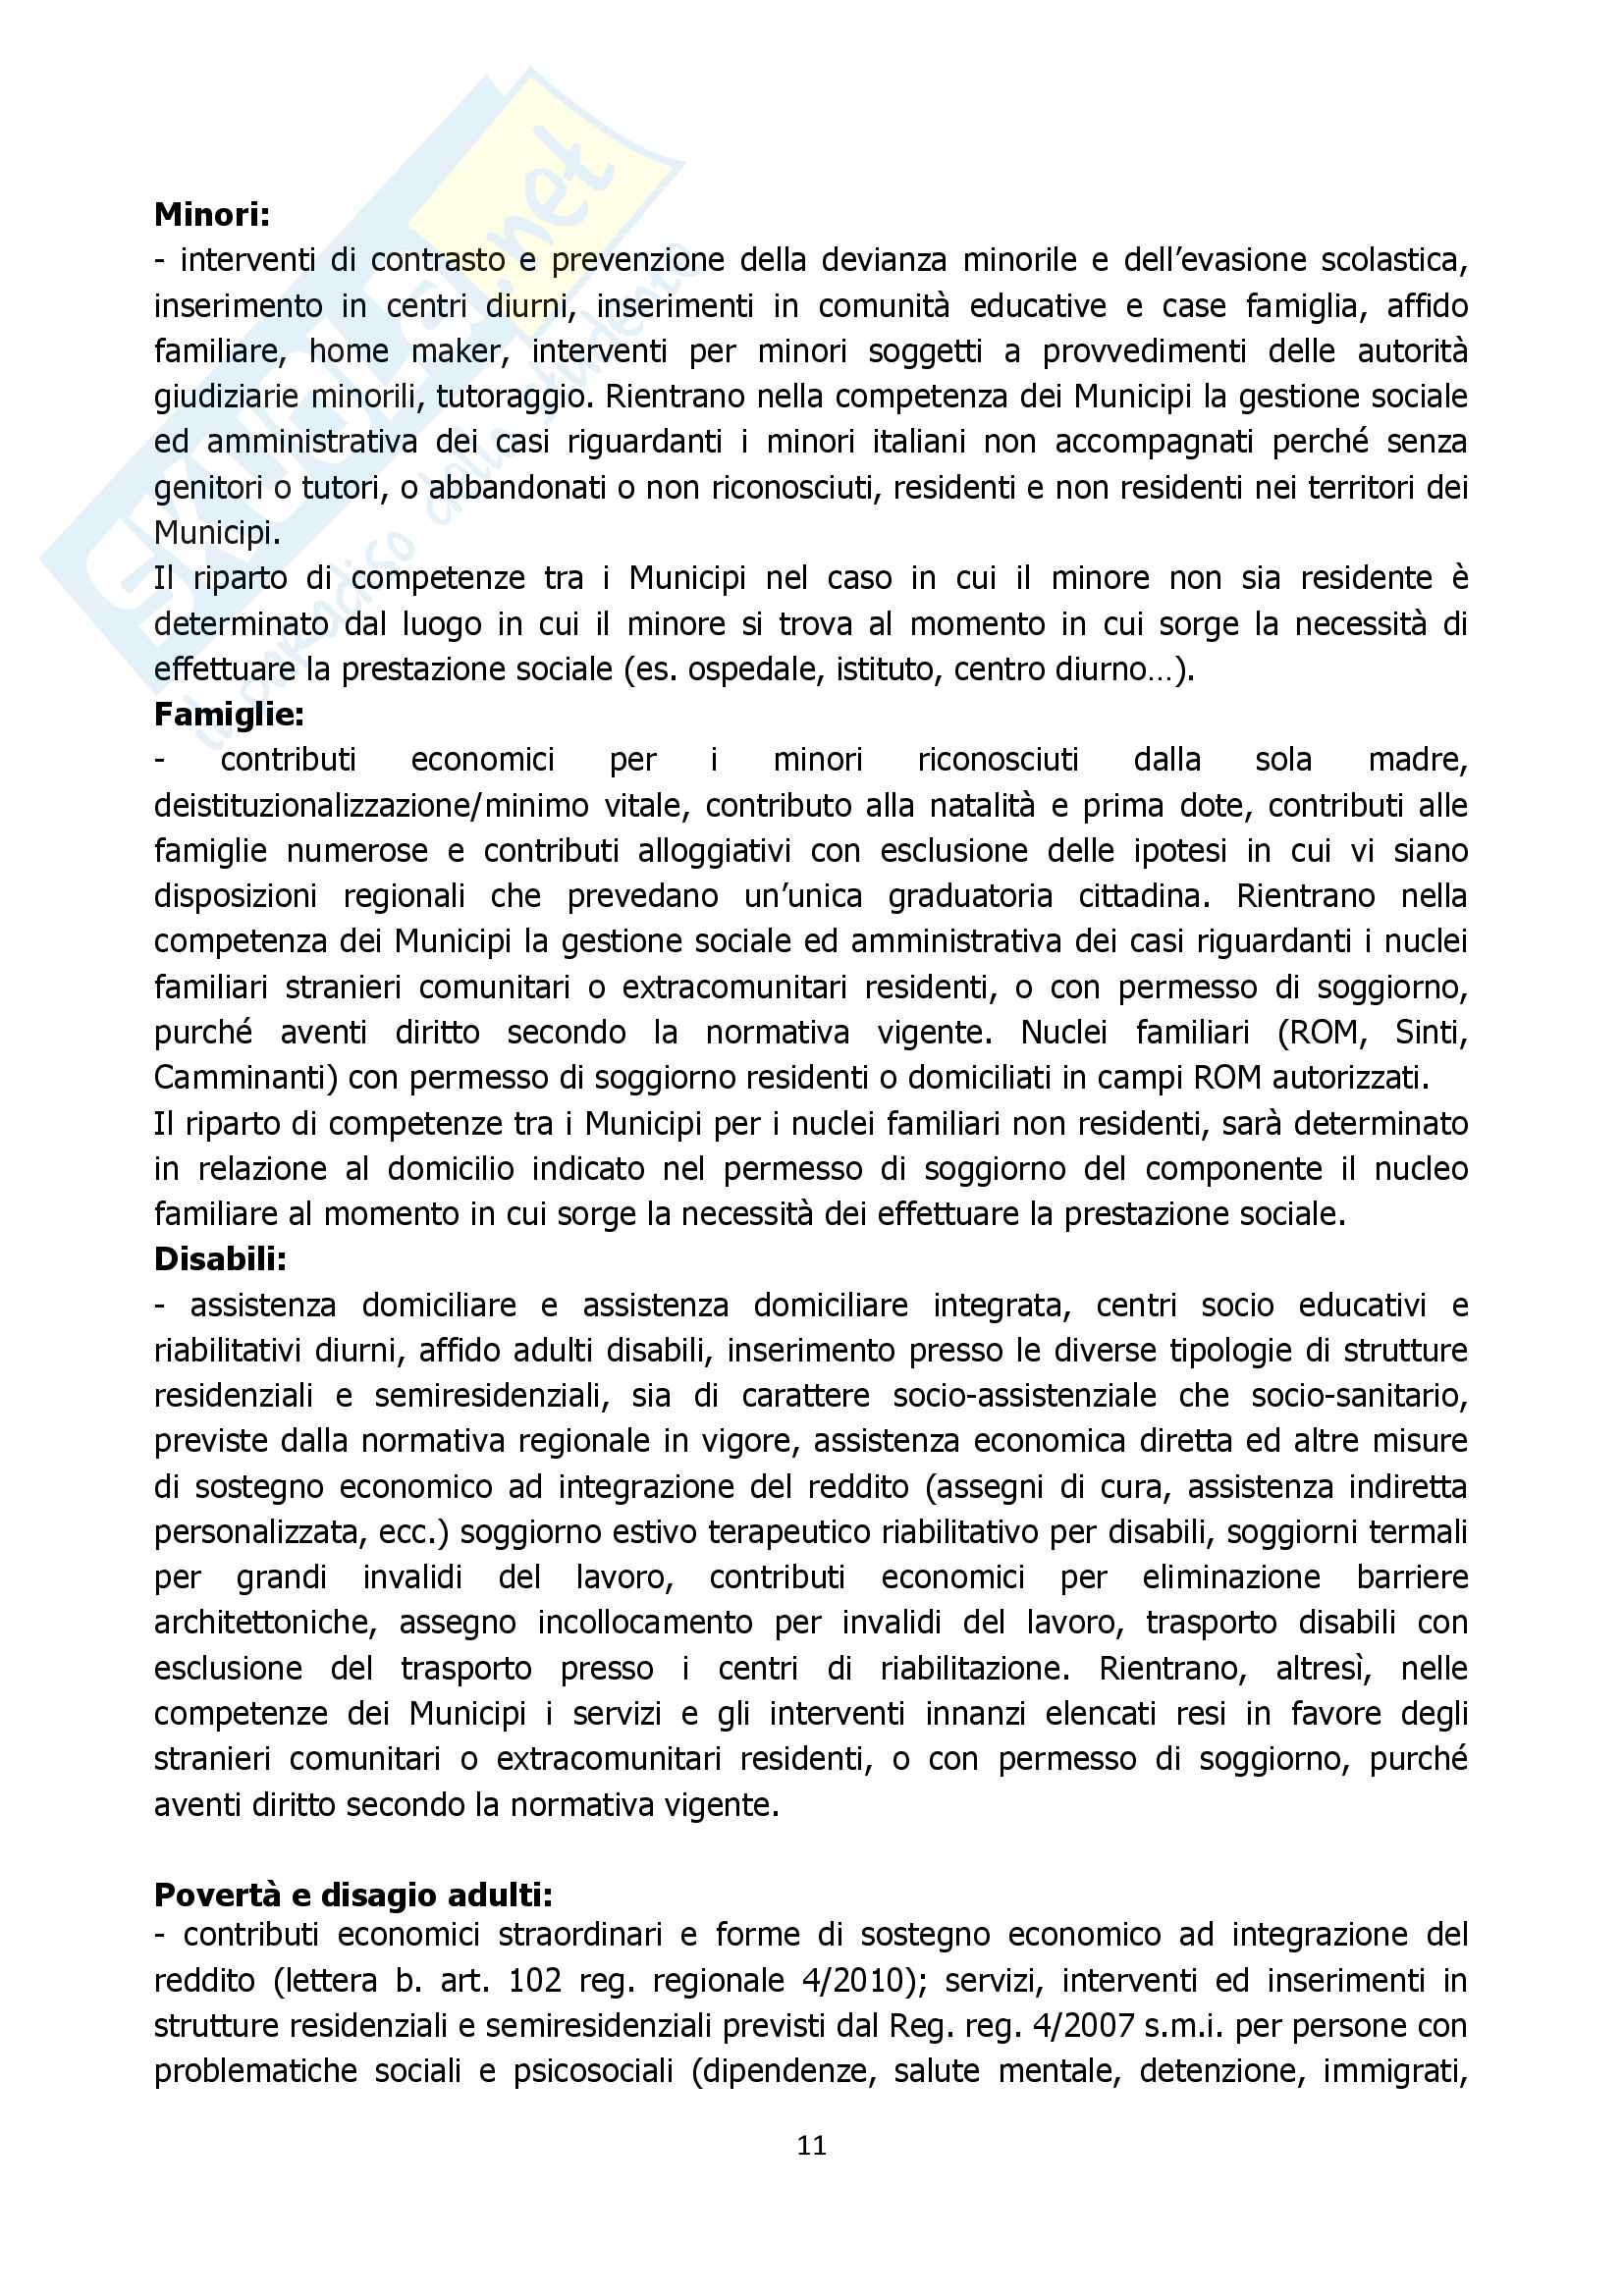 Relazione ruolo assistente sociale comune approfondimento Pag. 11